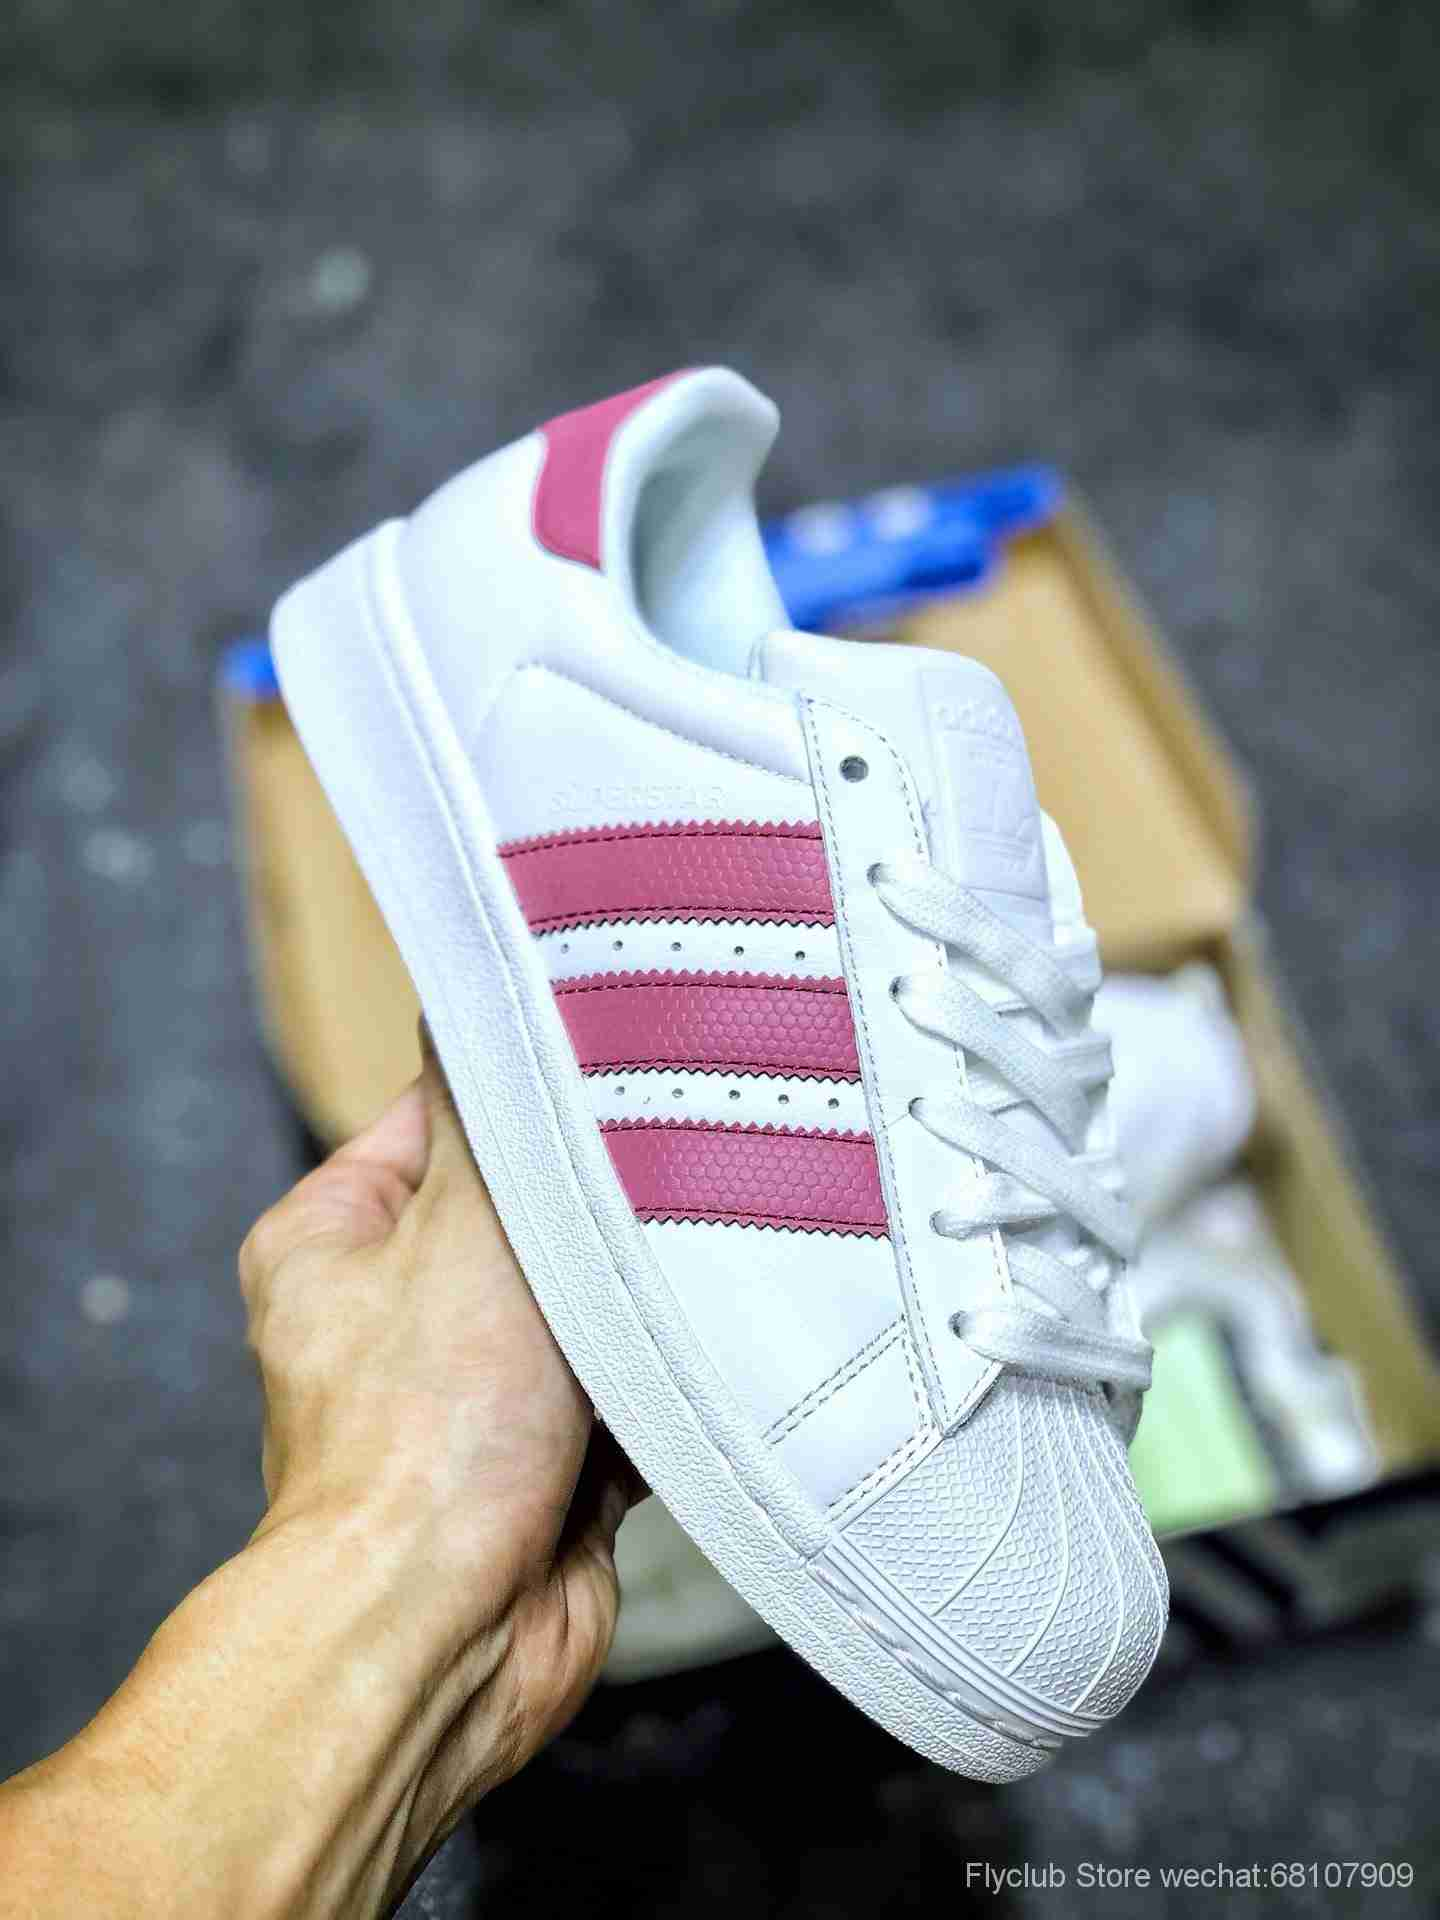 白粉3M反光 Adidas三叶草Originals SUPERSTAR W贝壳头经典百搭休闲运动小白板鞋,